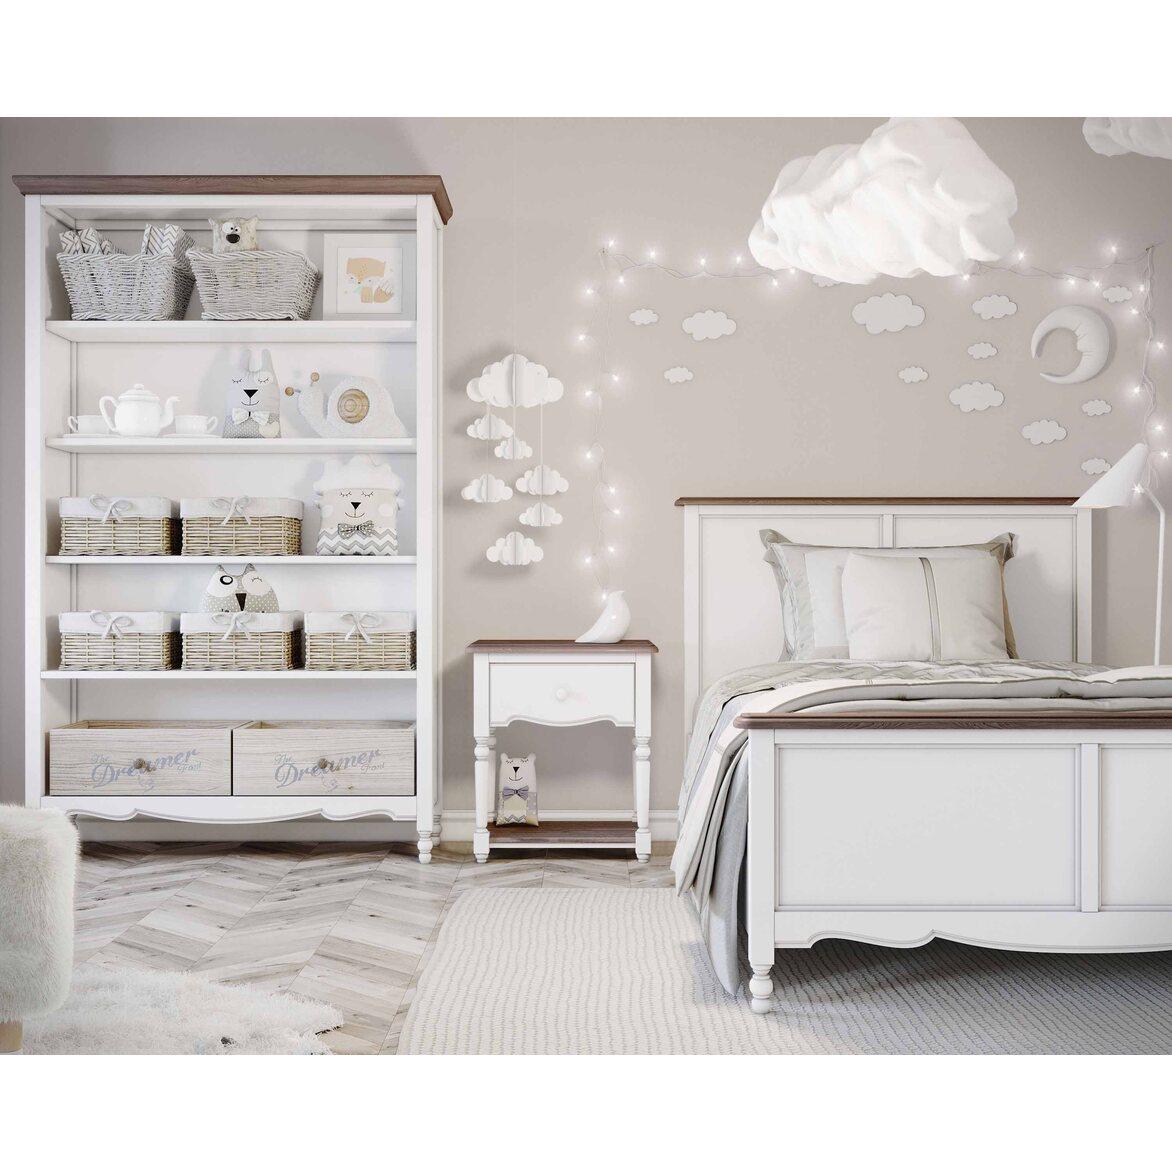 Кровать односпальная 120*200 Leblanc, белая 5 | Односпальные кровати Kingsby